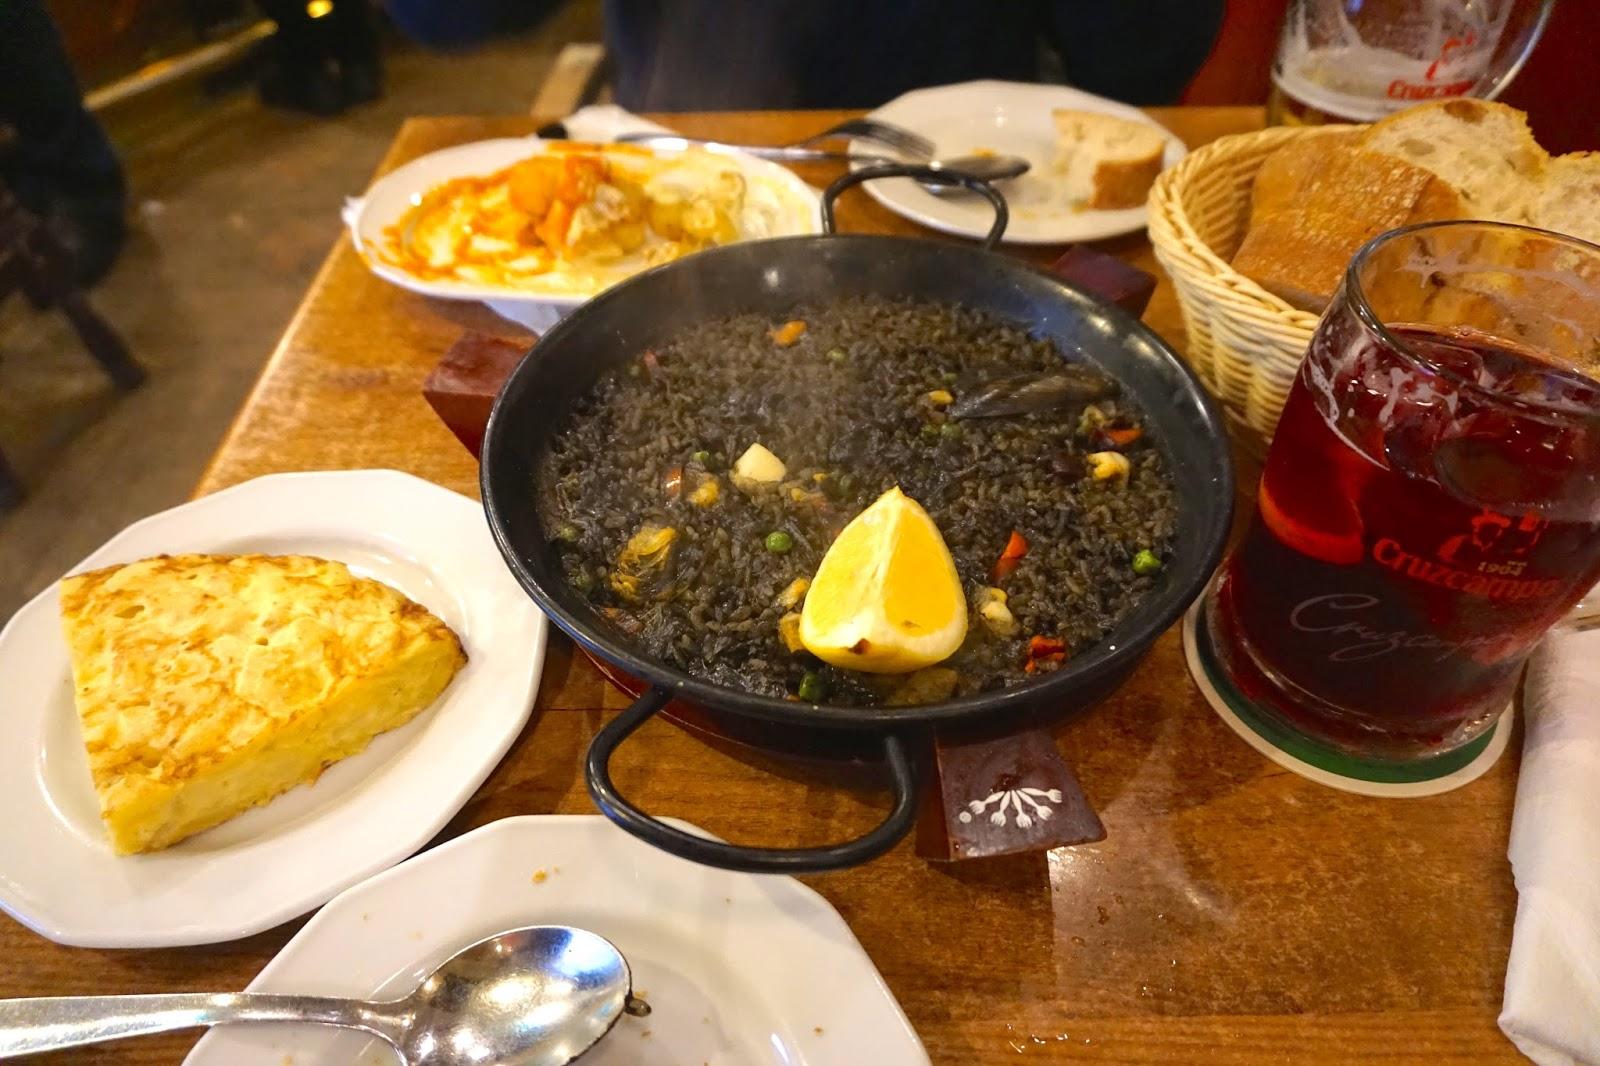 Black squid ink paella arros negre in Madrid